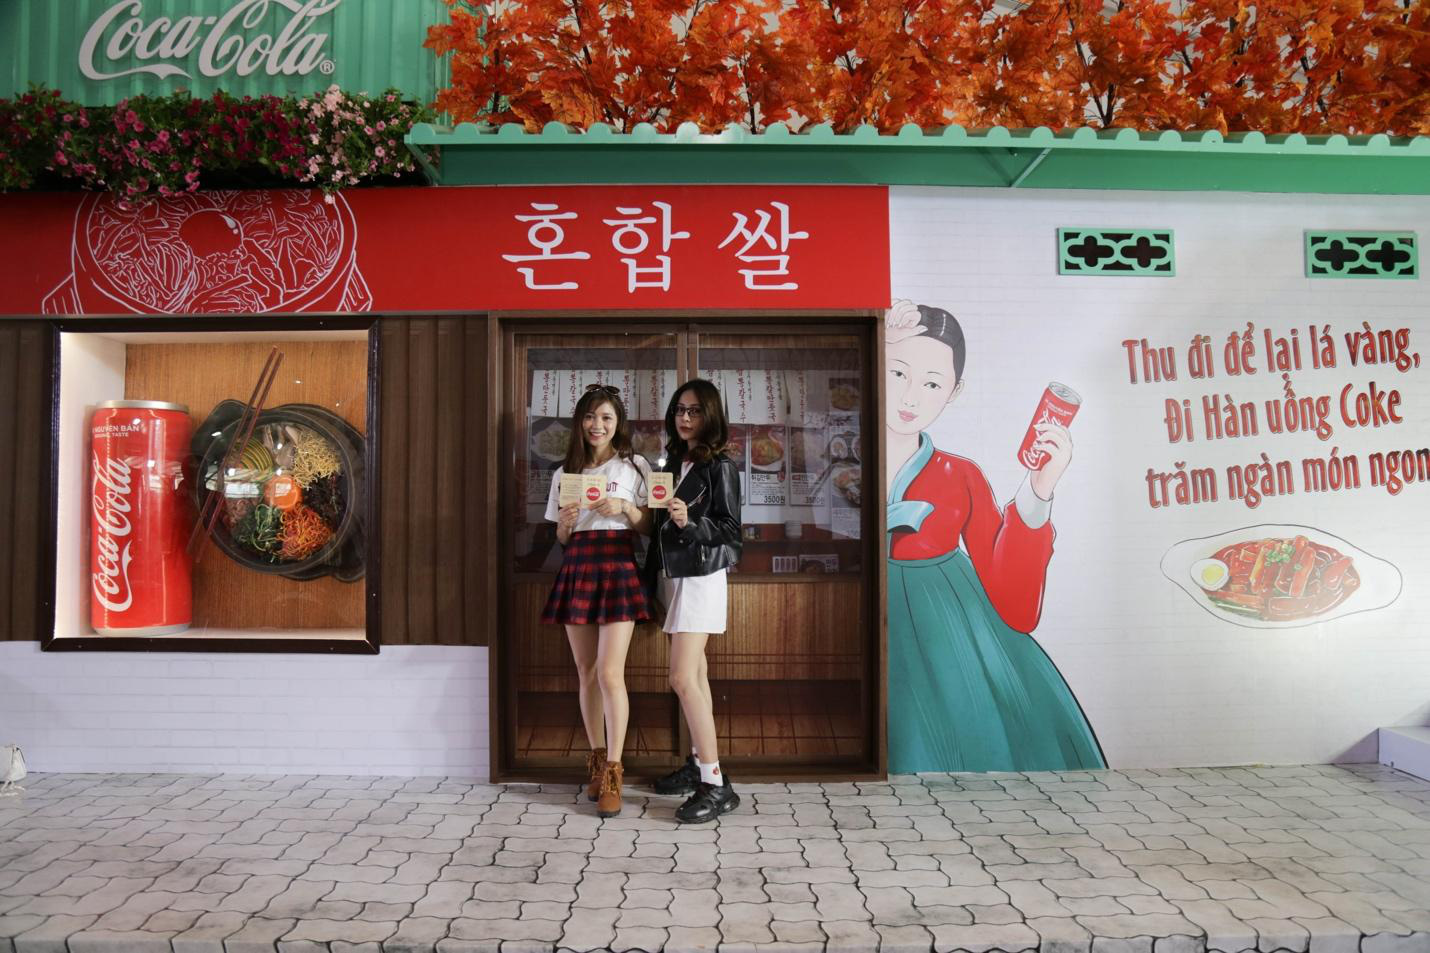 """Giới trẻ Sài thành đổ xô đi tìm """"vị mùa thu"""" tại Lễ hội Ẩm thực châu Á - Ảnh 5."""